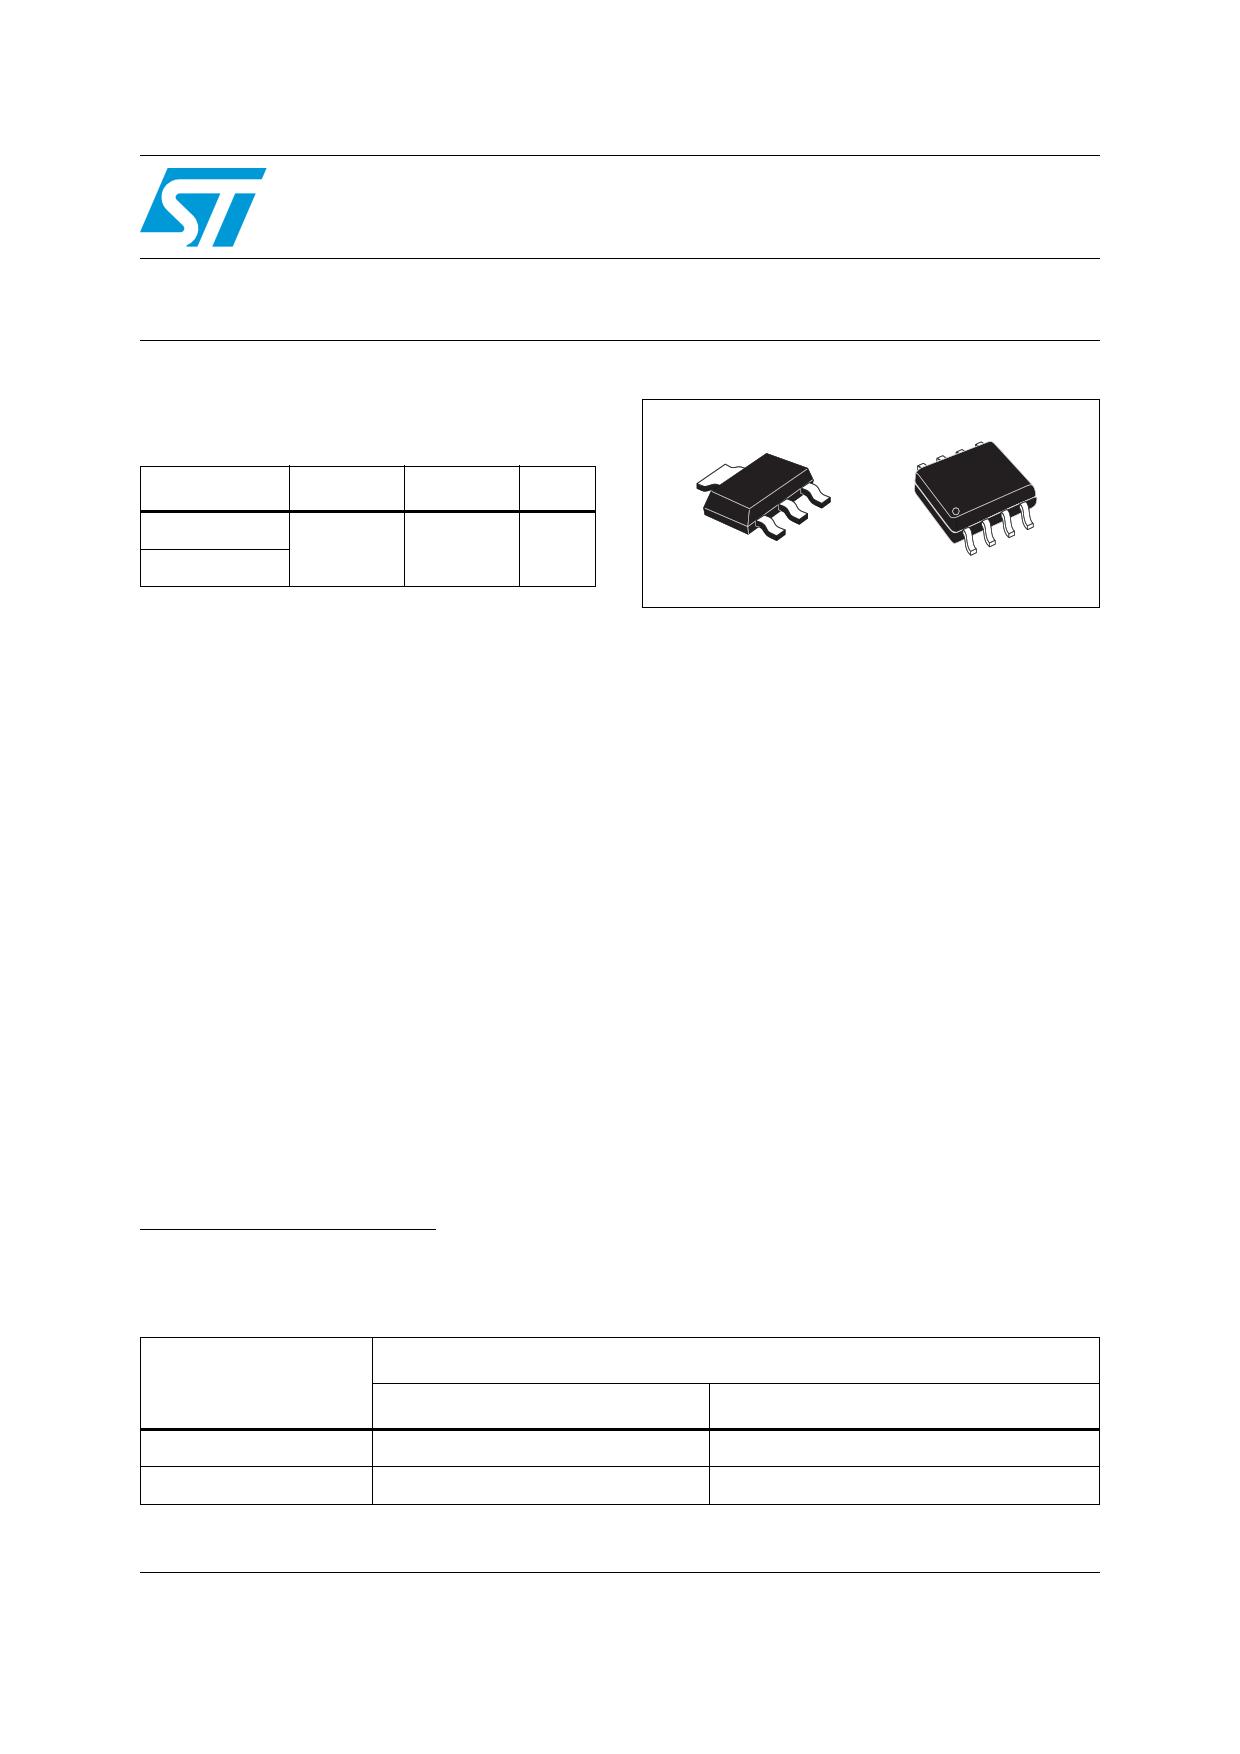 VNL5160S5-E datasheet, circuit